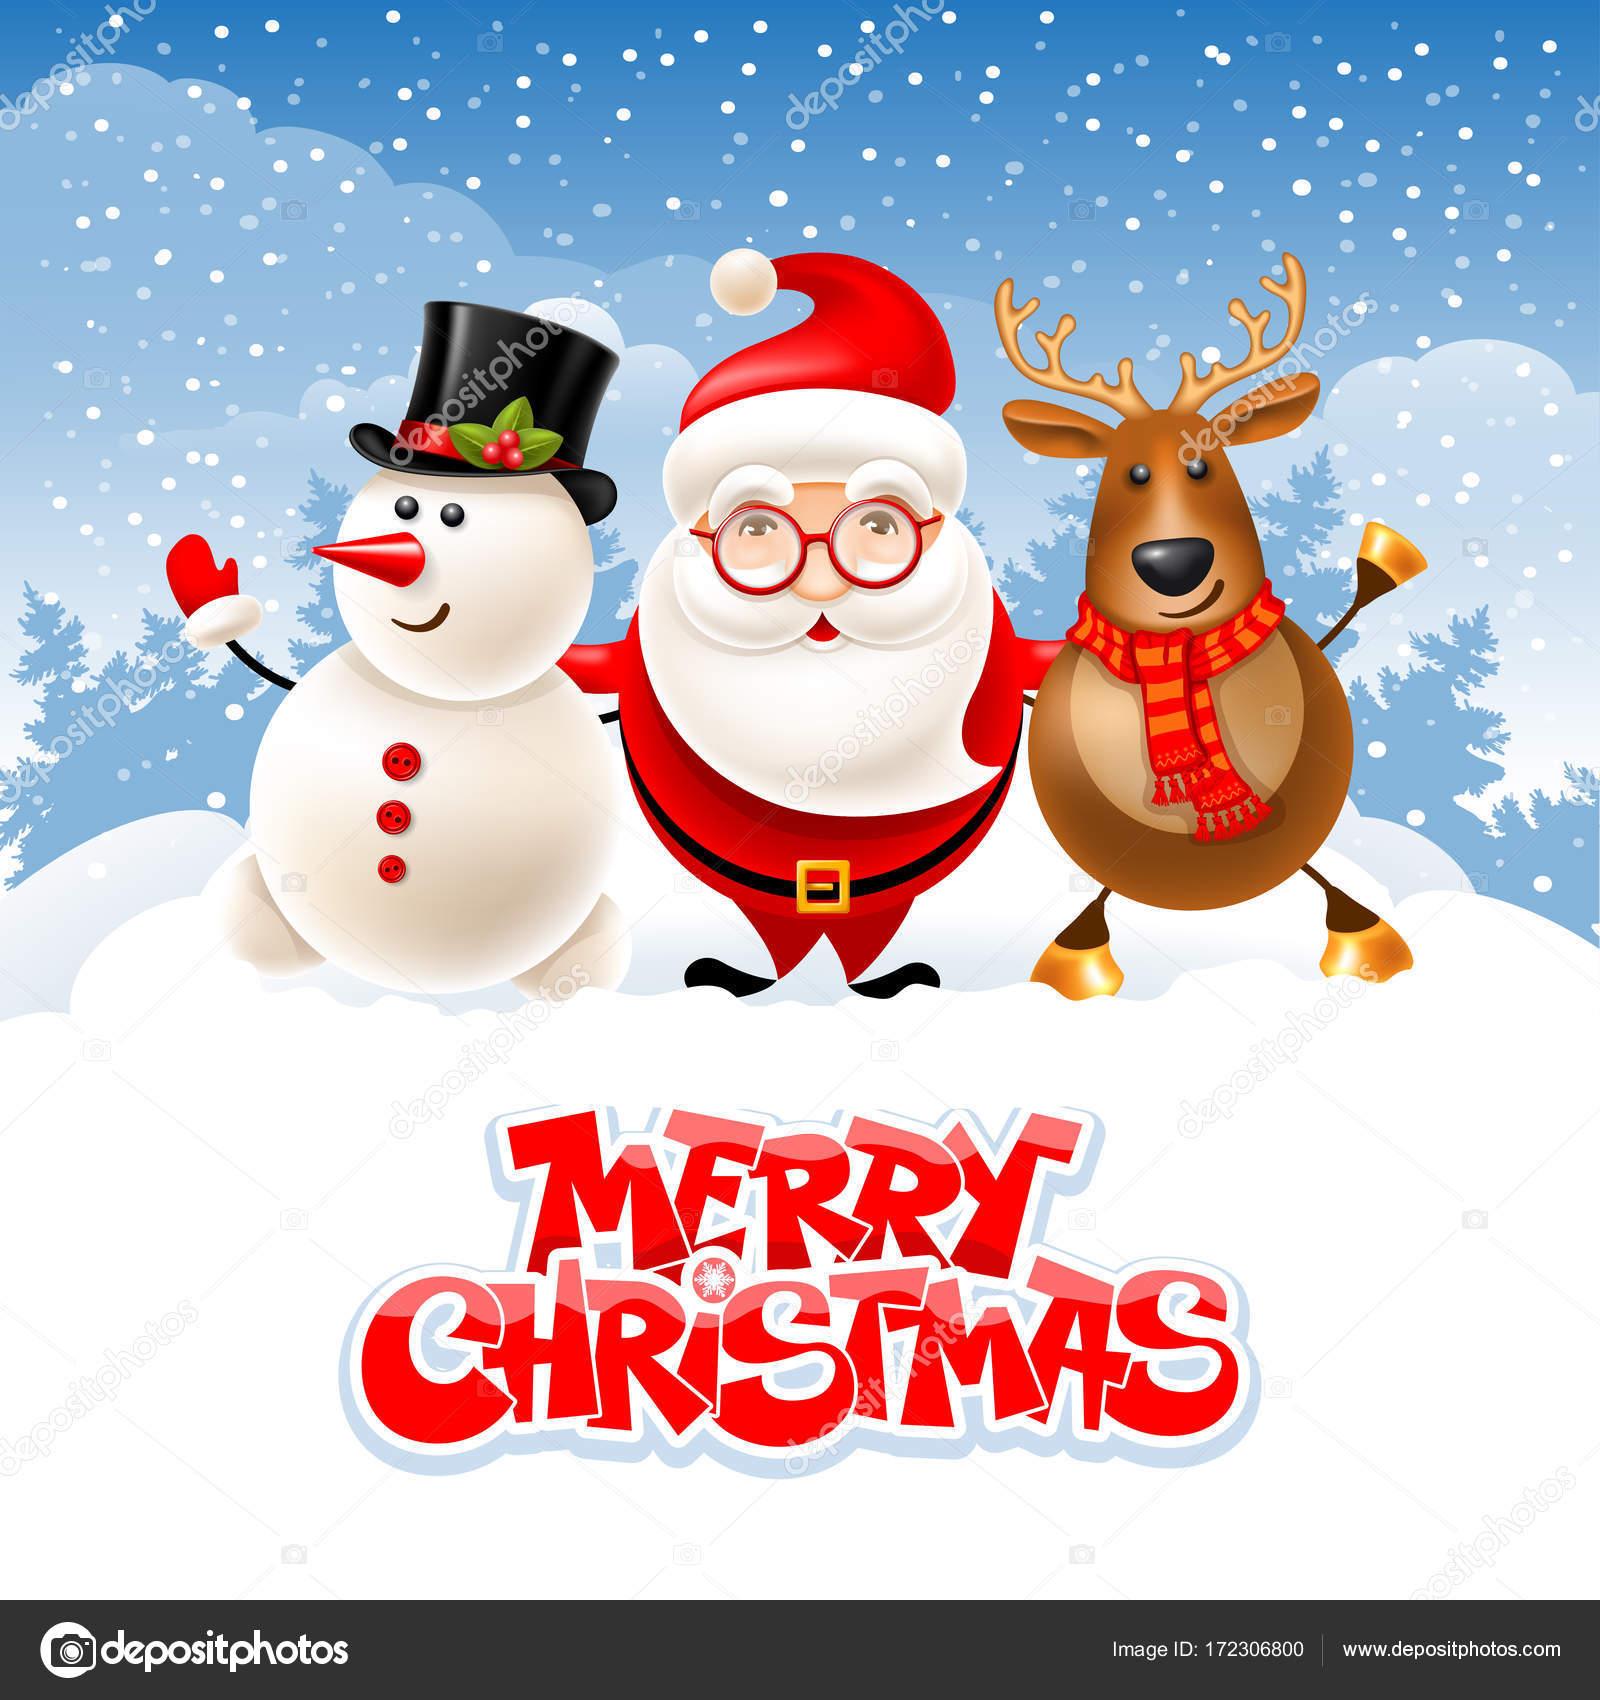 Frohe Weihnachten Grüße.Frohe Weihnachten Gruß Stockvektor Pazhyna 172306800